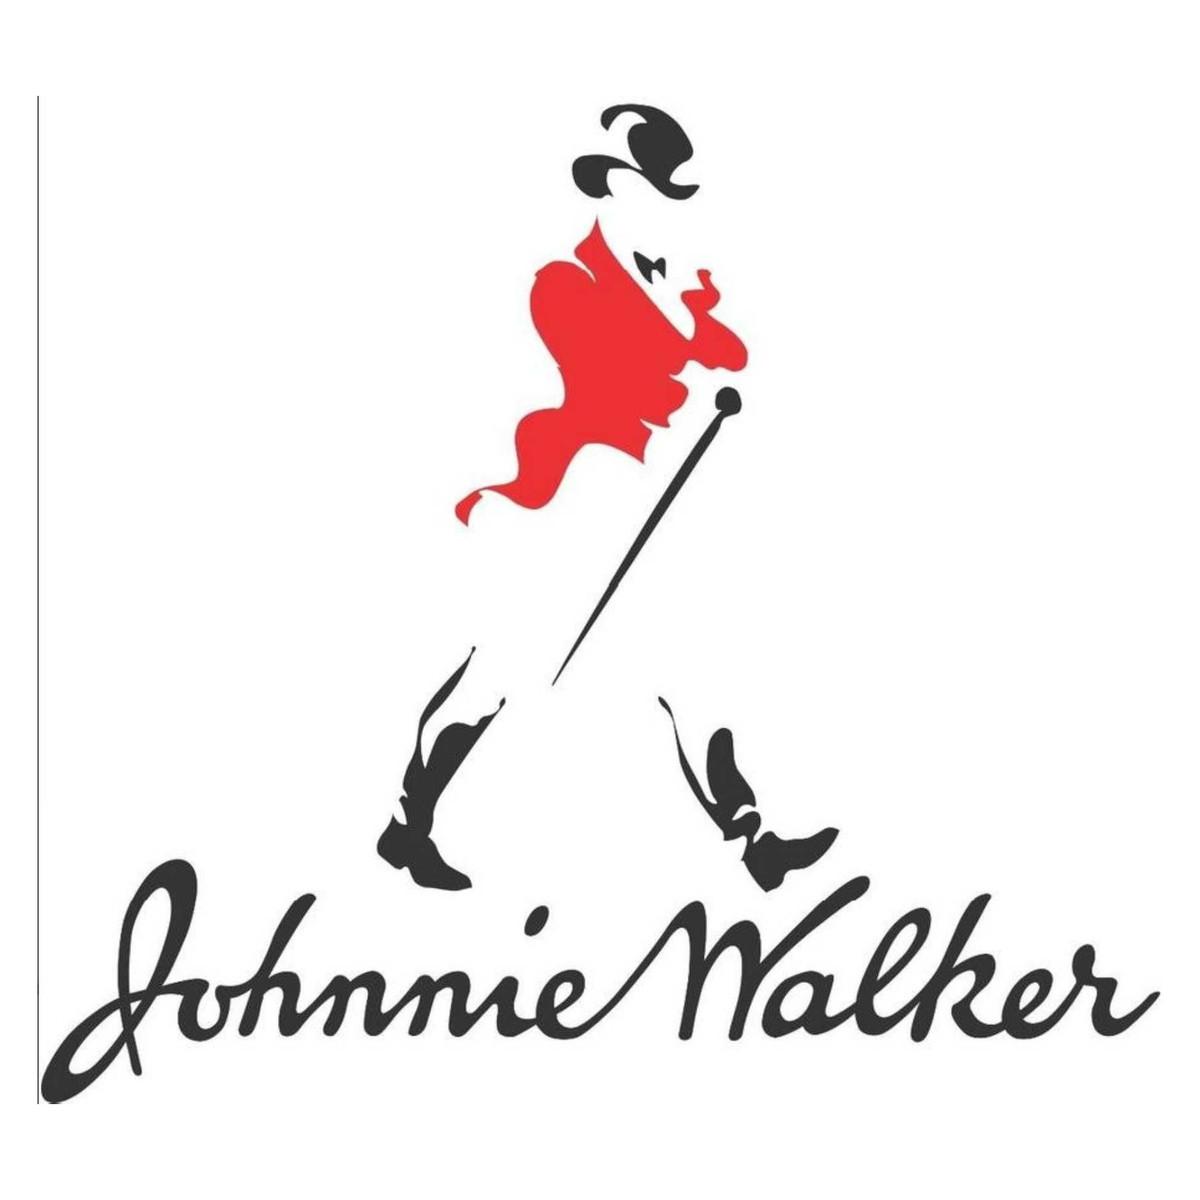 Adesivo Whiskie Whisky Johnnie Walker no Elo7 | QUEEN ...